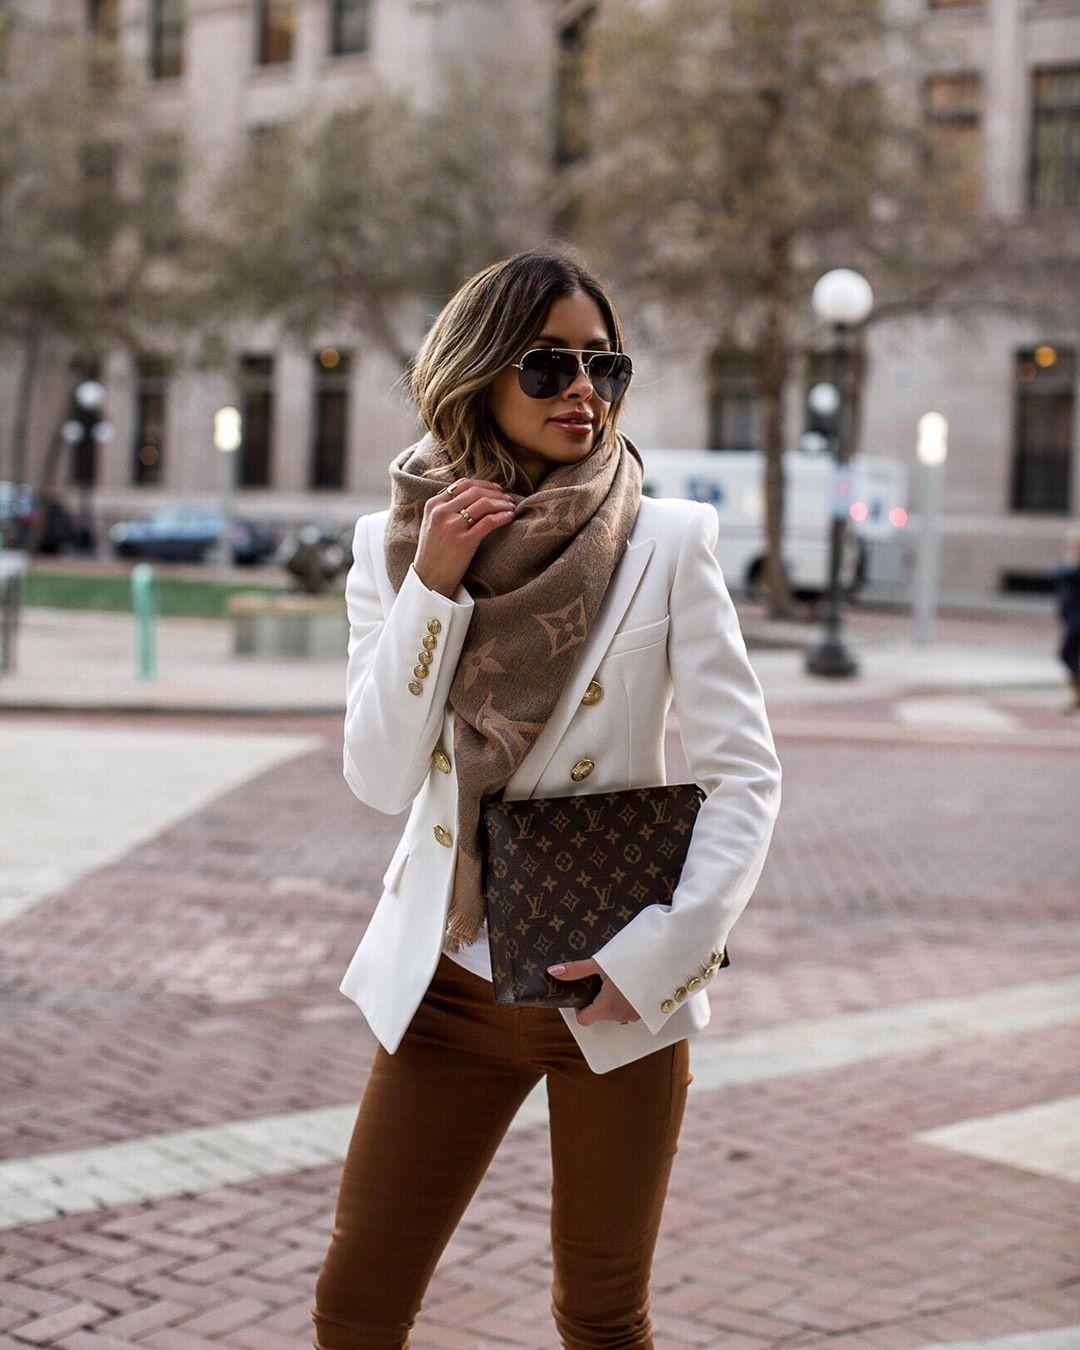 स्कार्फ- थंडीच्या दिवसात तुमचे जुने स्कार्फ तुम्हाला वापरता येतील. एकच स्कार्फ वेगवेगळ्या स्टाइलनं बांधून तुम्ही हिवाळ्यातही फॅशनेबल दिसू शकता.